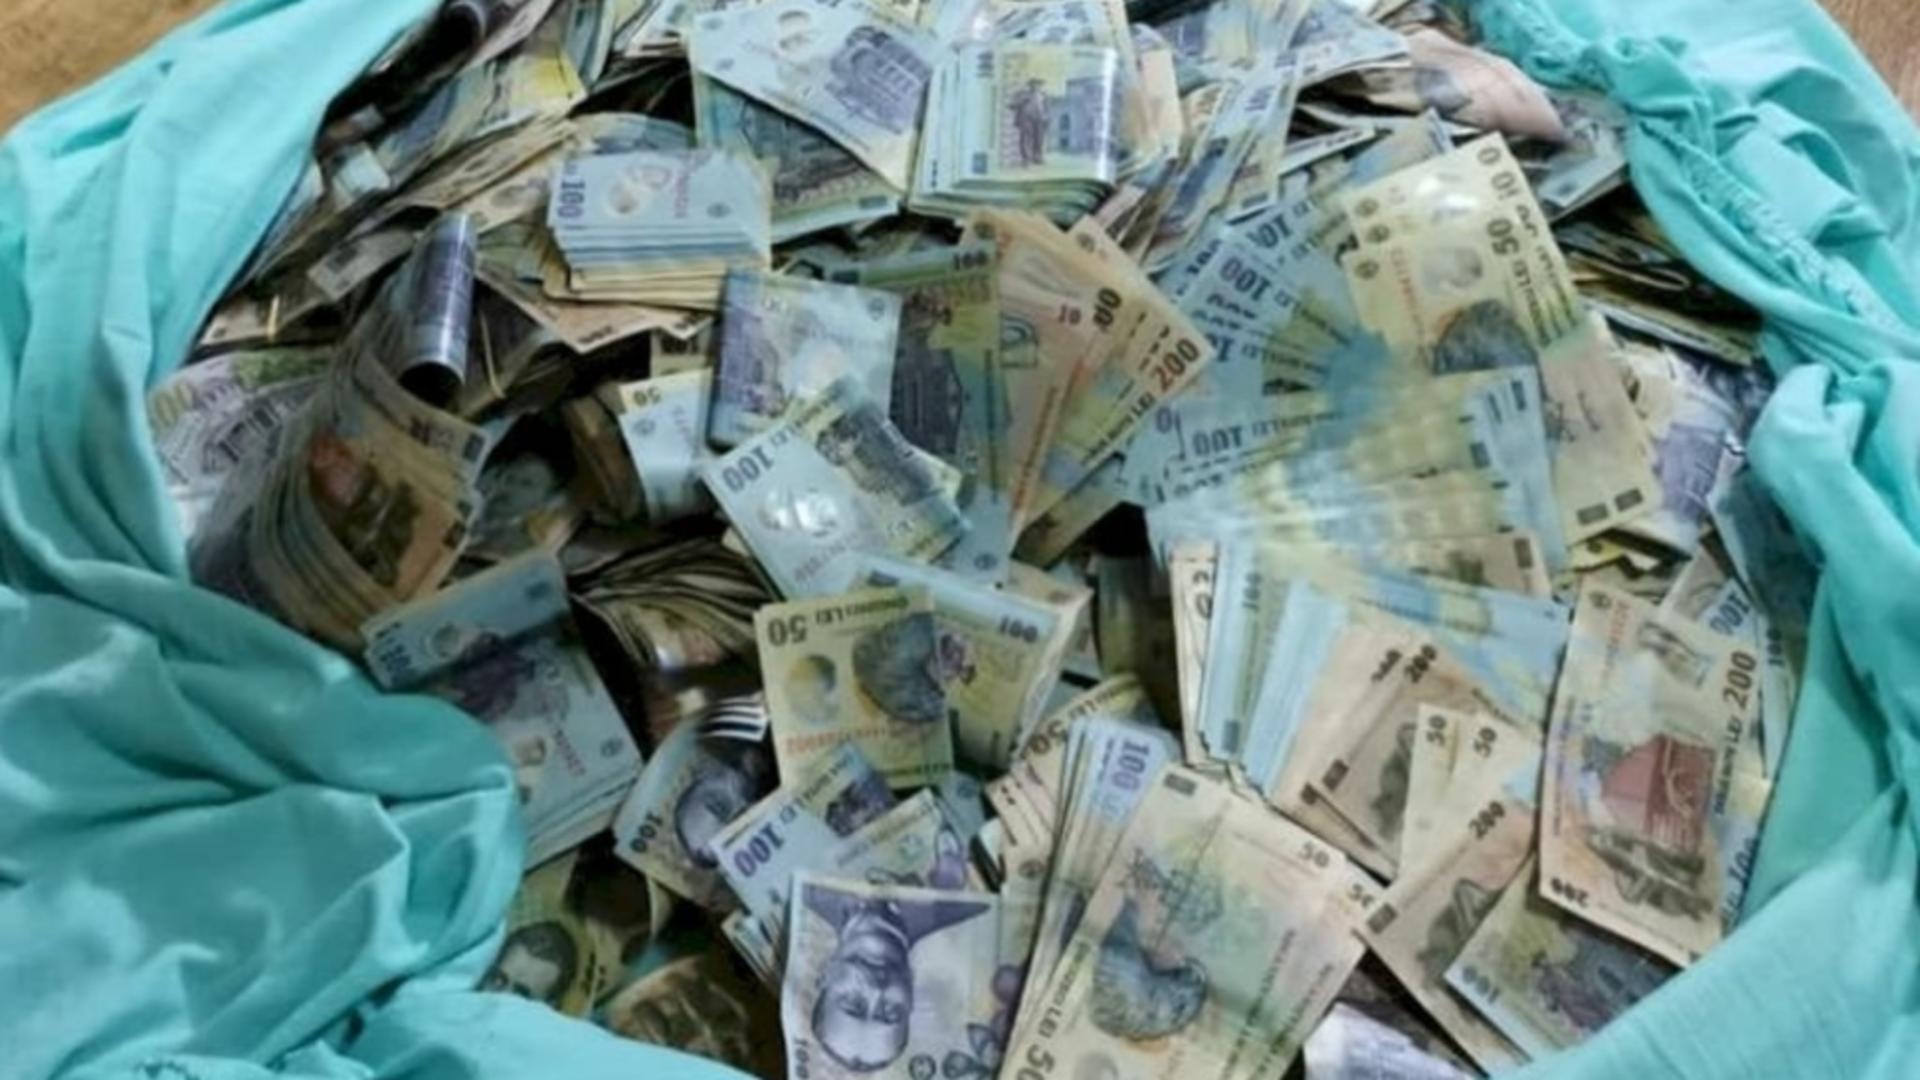 Un om al străzii din Botoșani a găsit la gunoi suma de 20.000 de lei